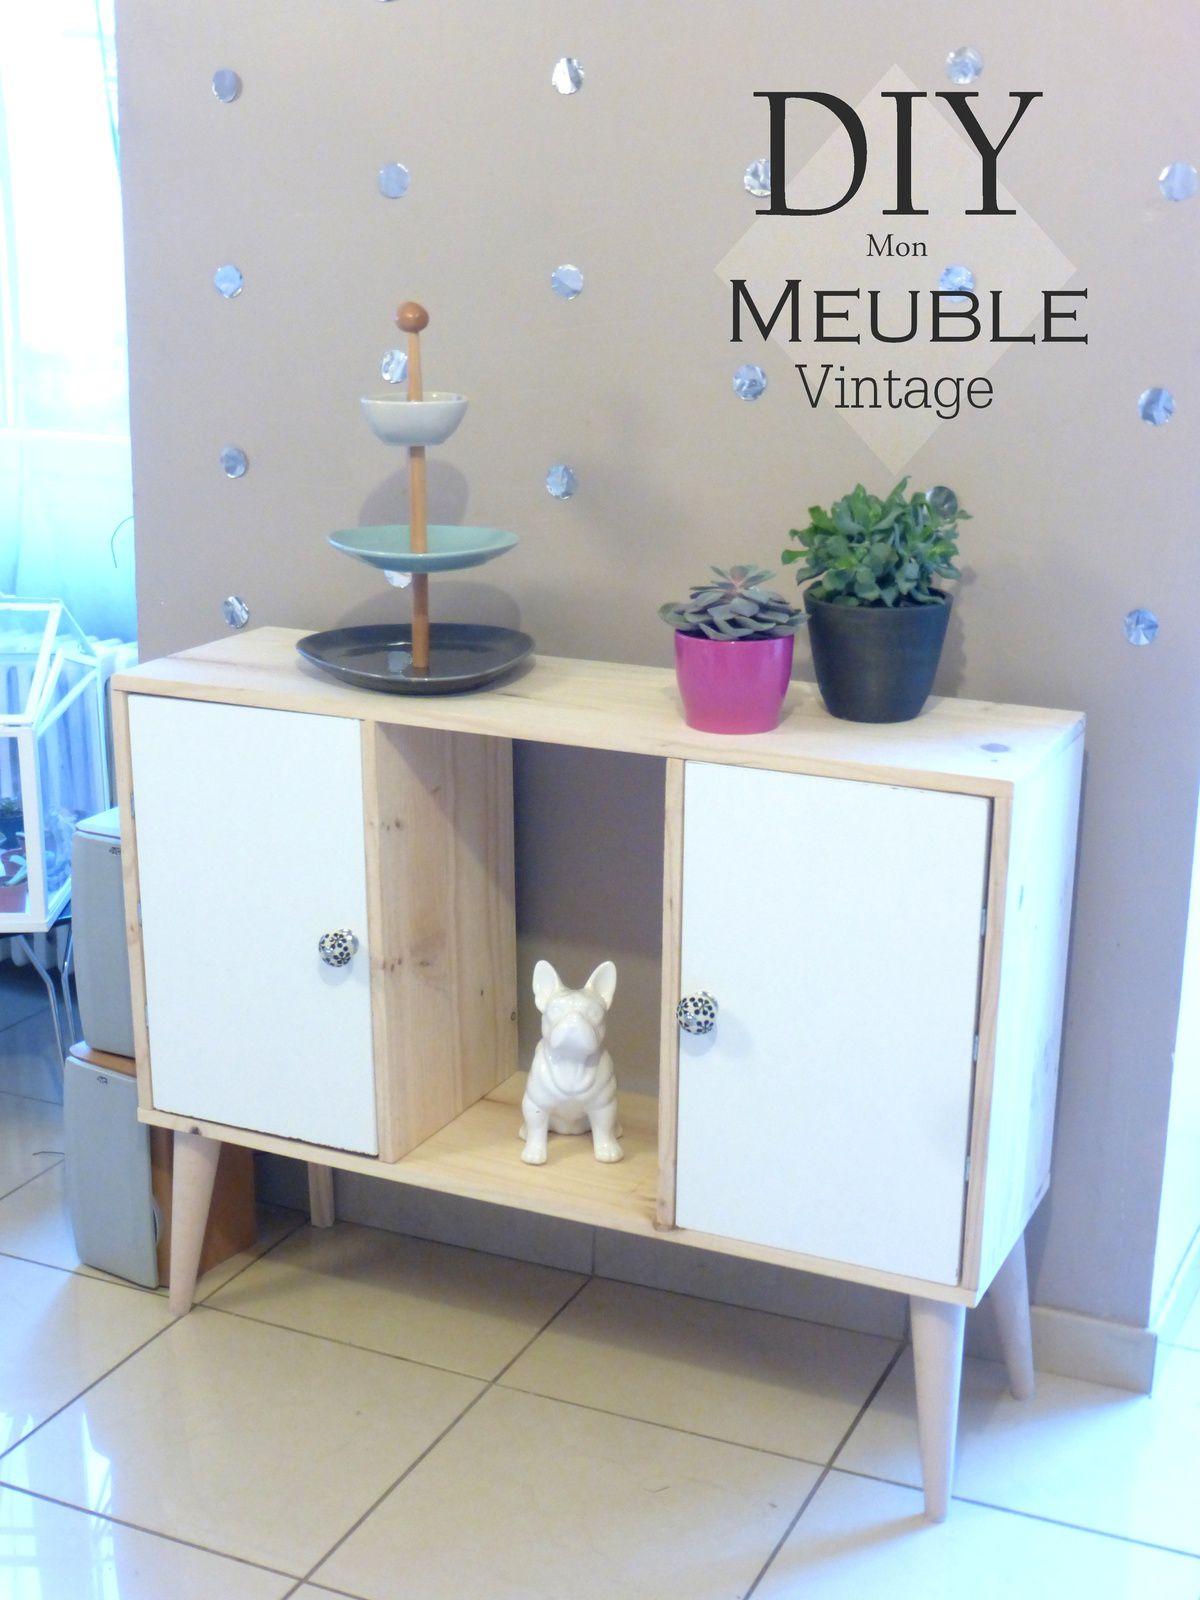 Diy Bouton De Meuble un meuble au style nordique-vintage. tuto inside - lulubidouille